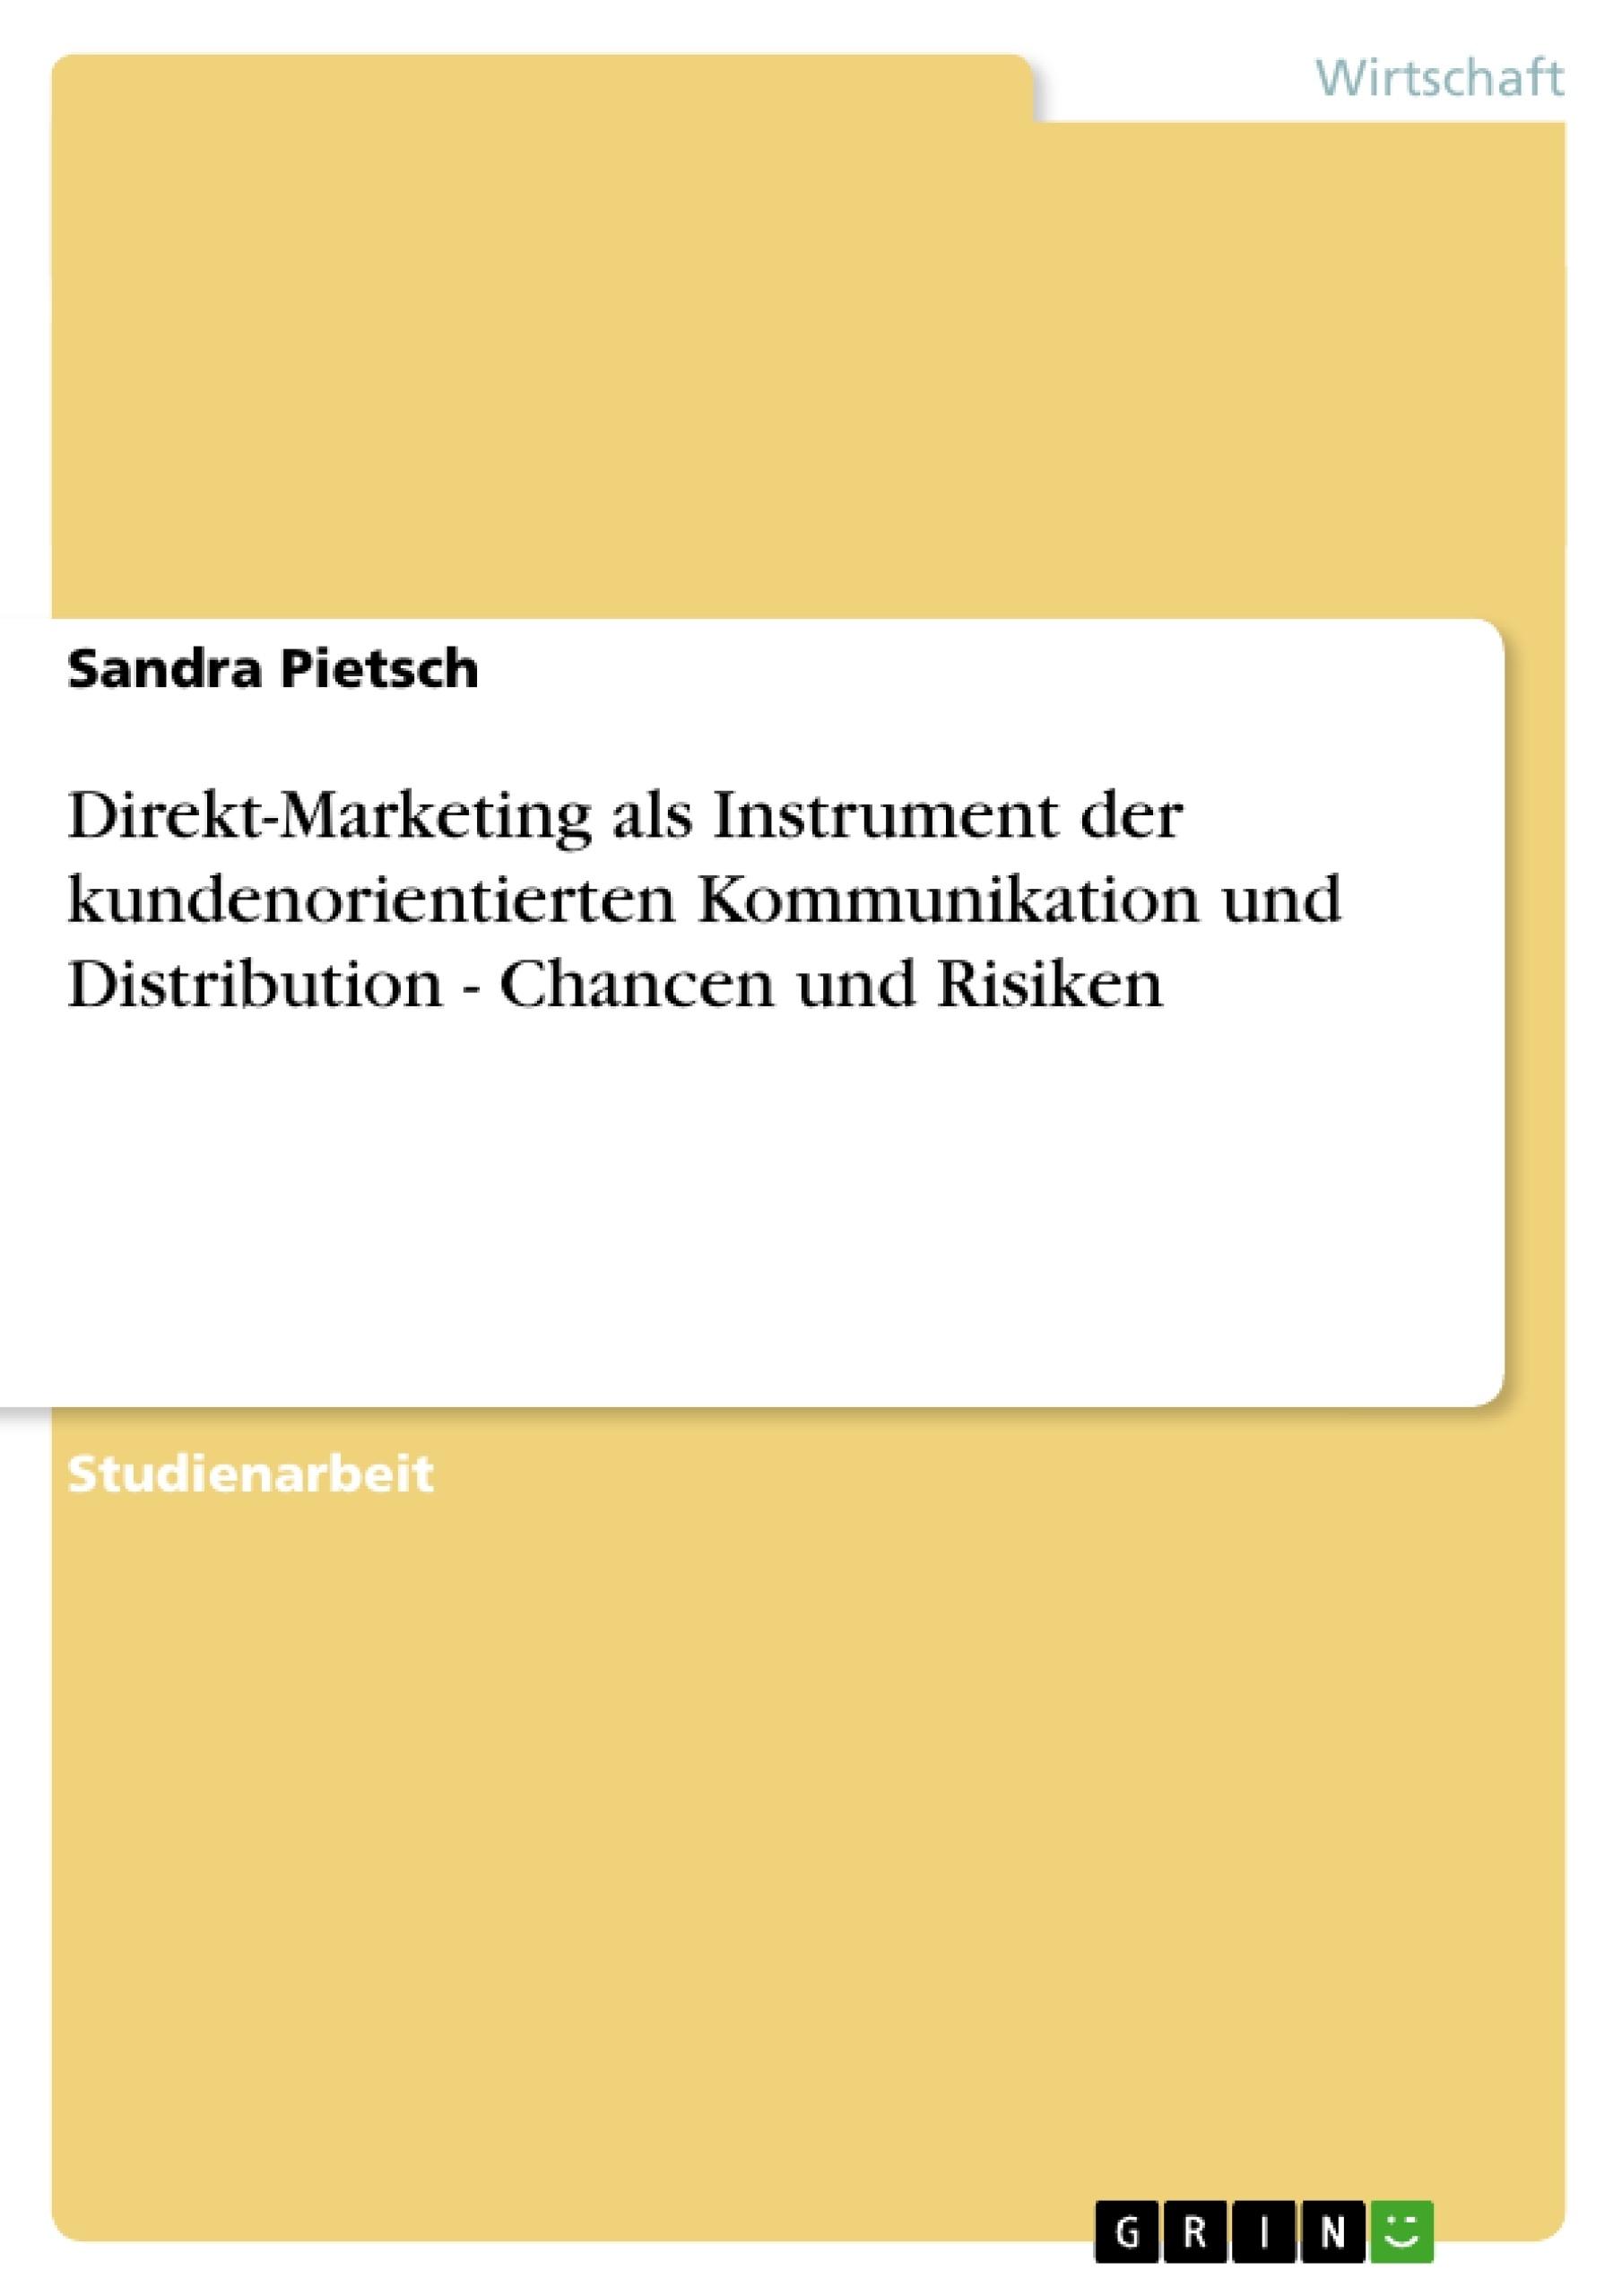 Titel: Direkt-Marketing als Instrument der kundenorientierten Kommunikation und Distribution - Chancen und Risiken